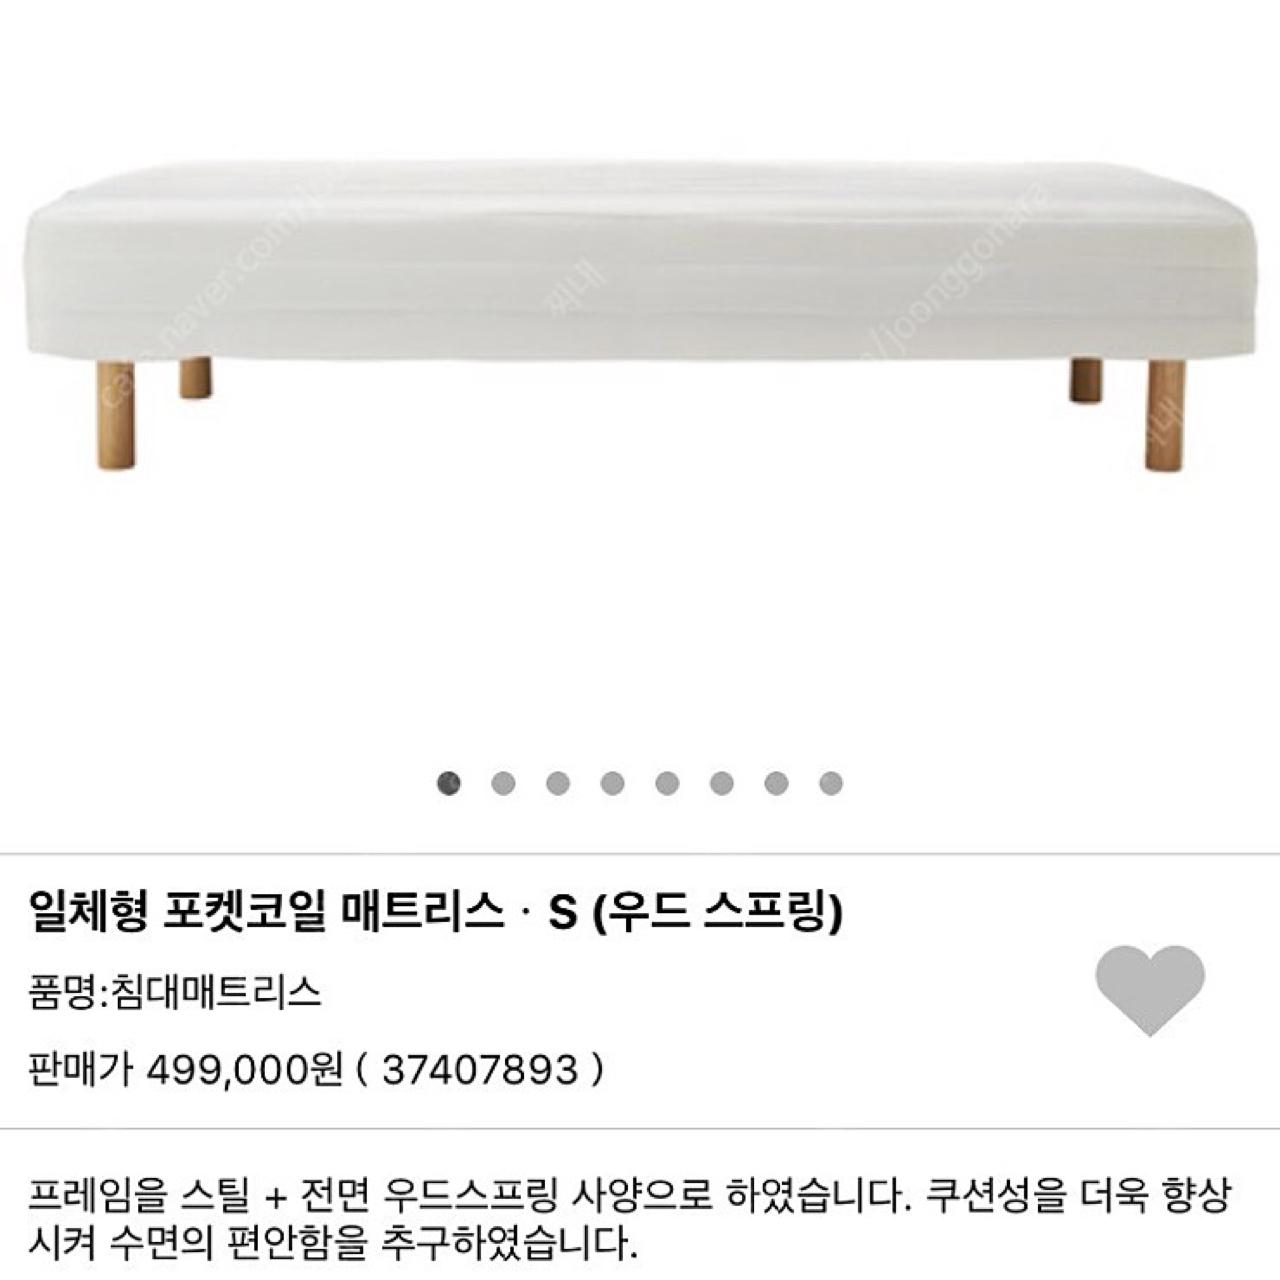 MUJI 무지 포켓코일 침대+다리+침대커버+깔개커버 포함